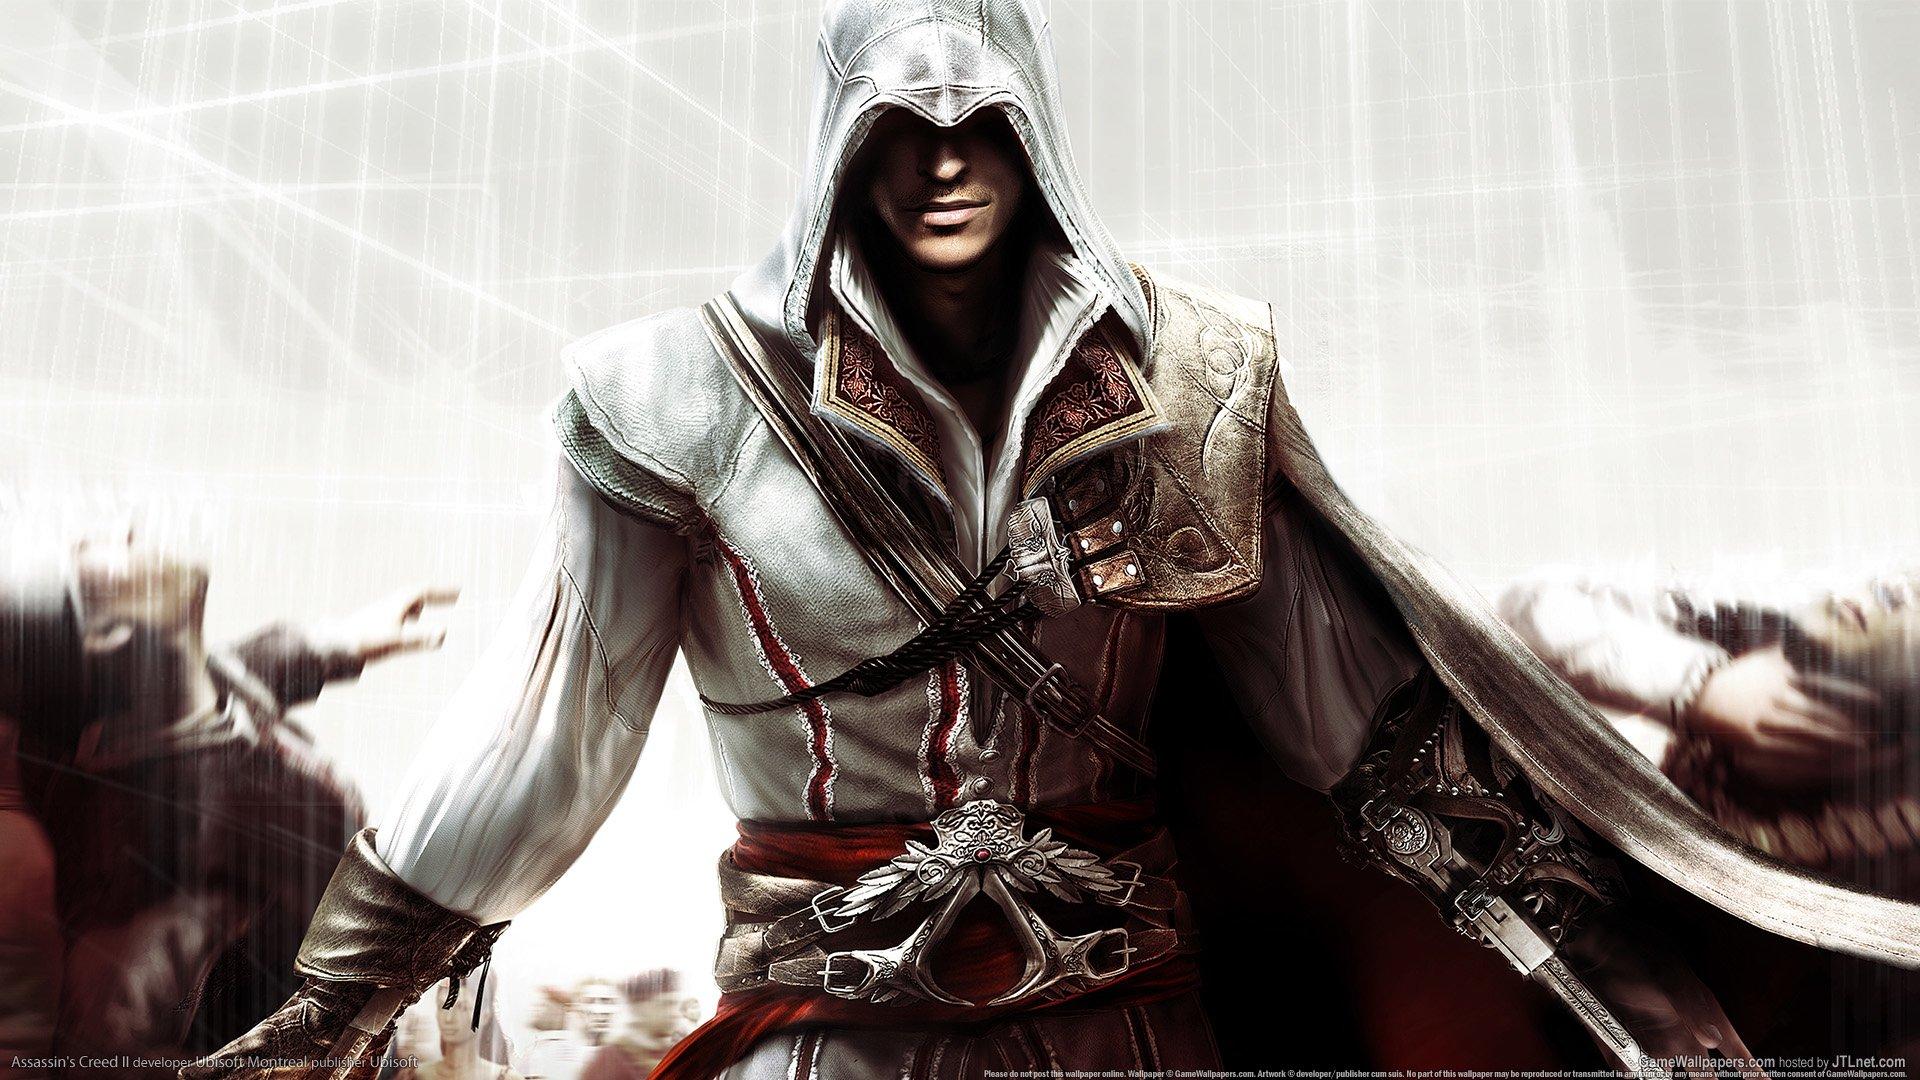 Assassin's Creed II za darmo na Uplay od 14 kwietnia